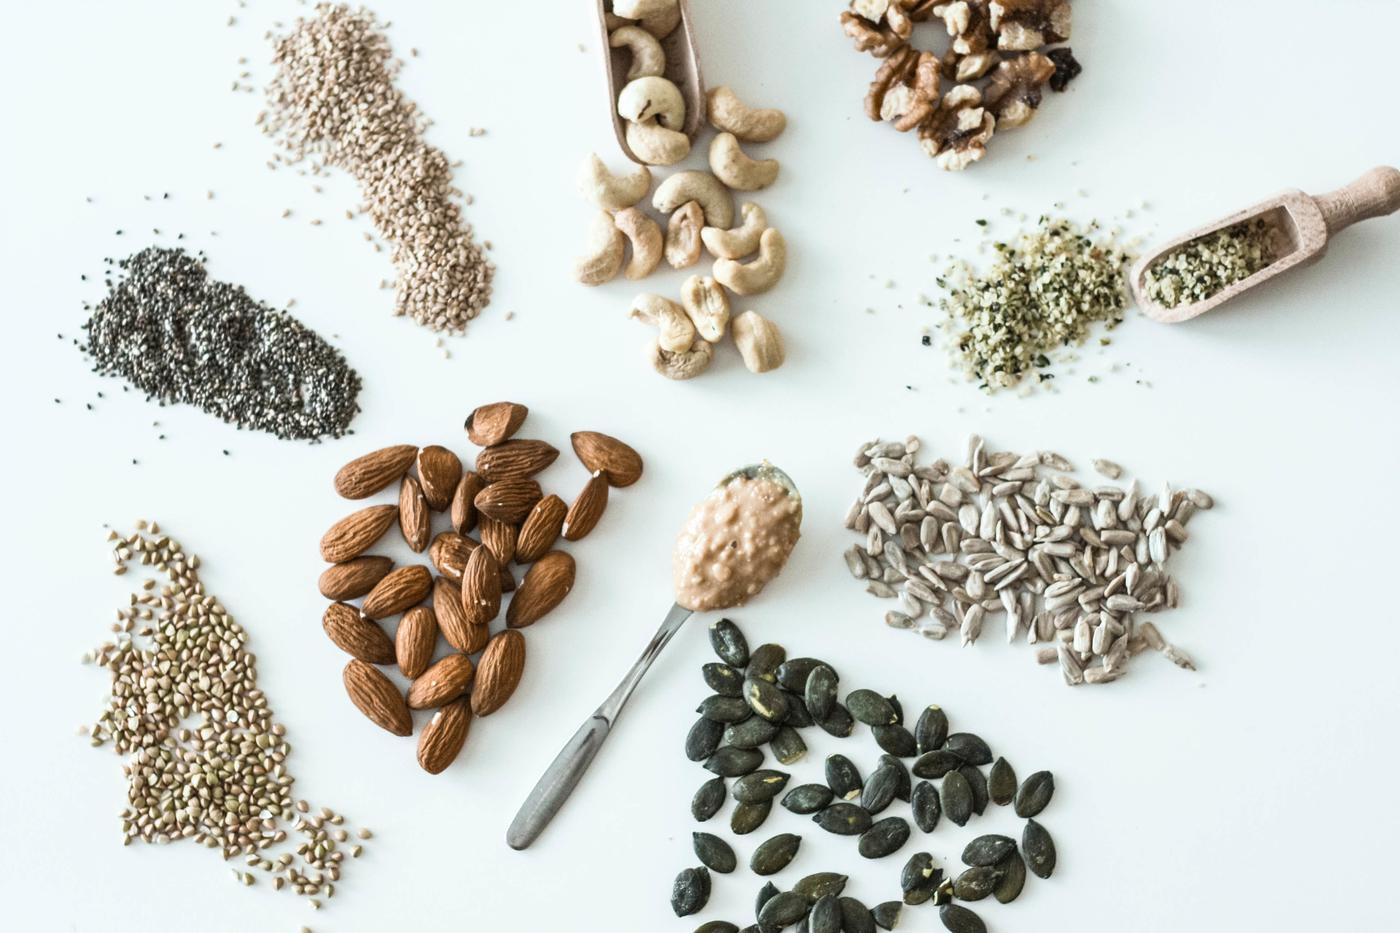 Proteiinia smoothieen ilman proteiinijauheita